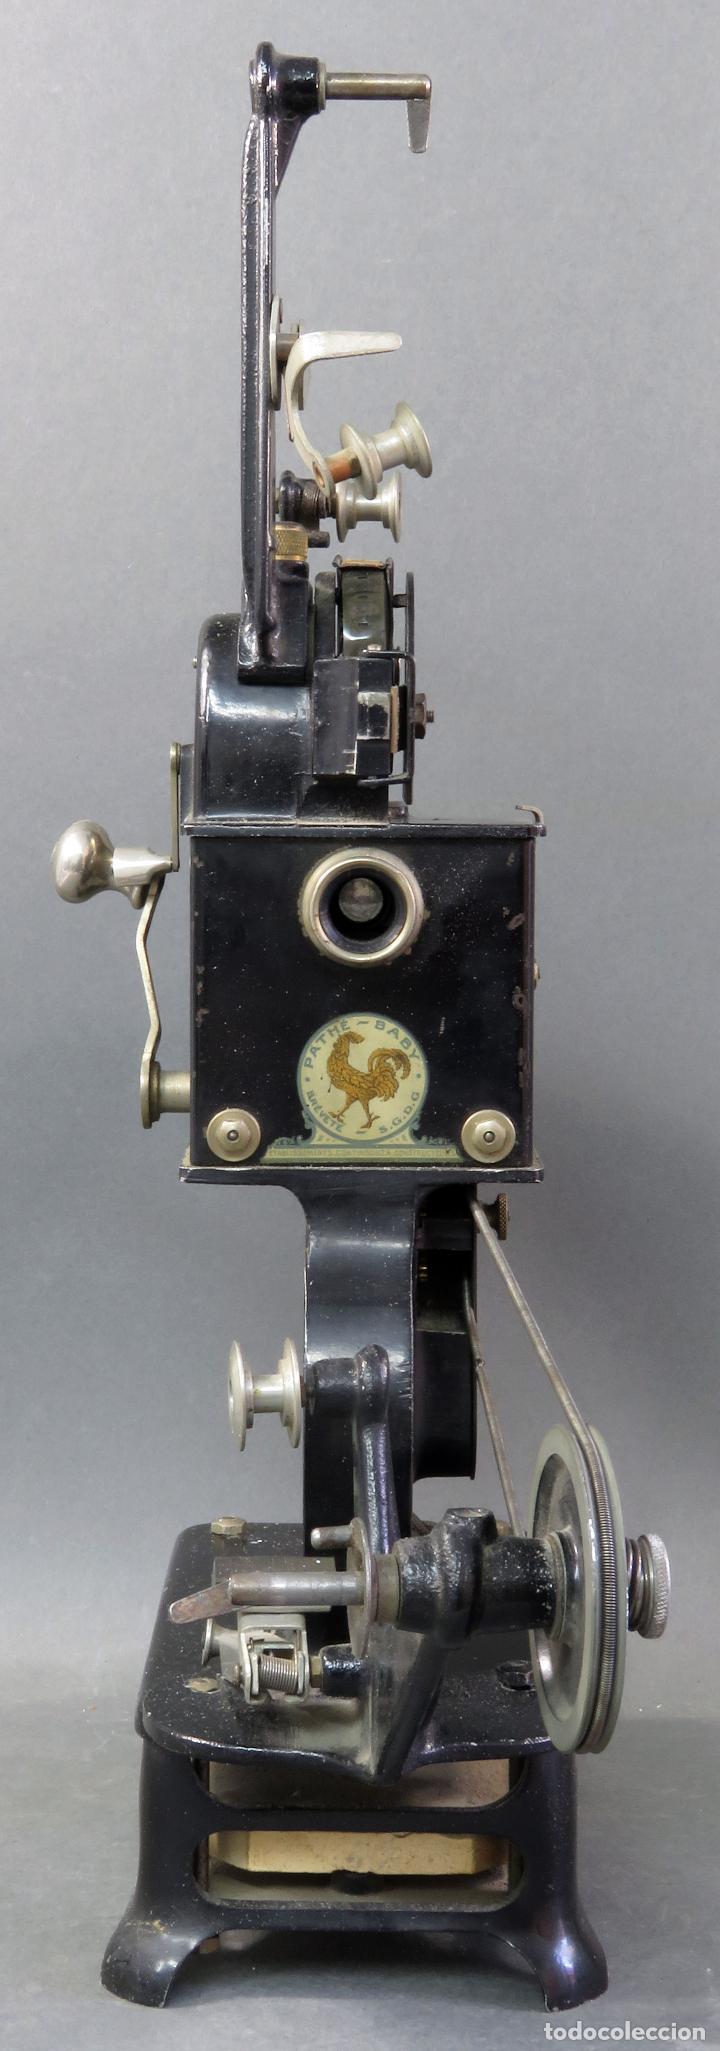 Antigüedades: Proyector Pathé Baby 9,5 mm con una película hacia 1920 - Foto 4 - 128980255